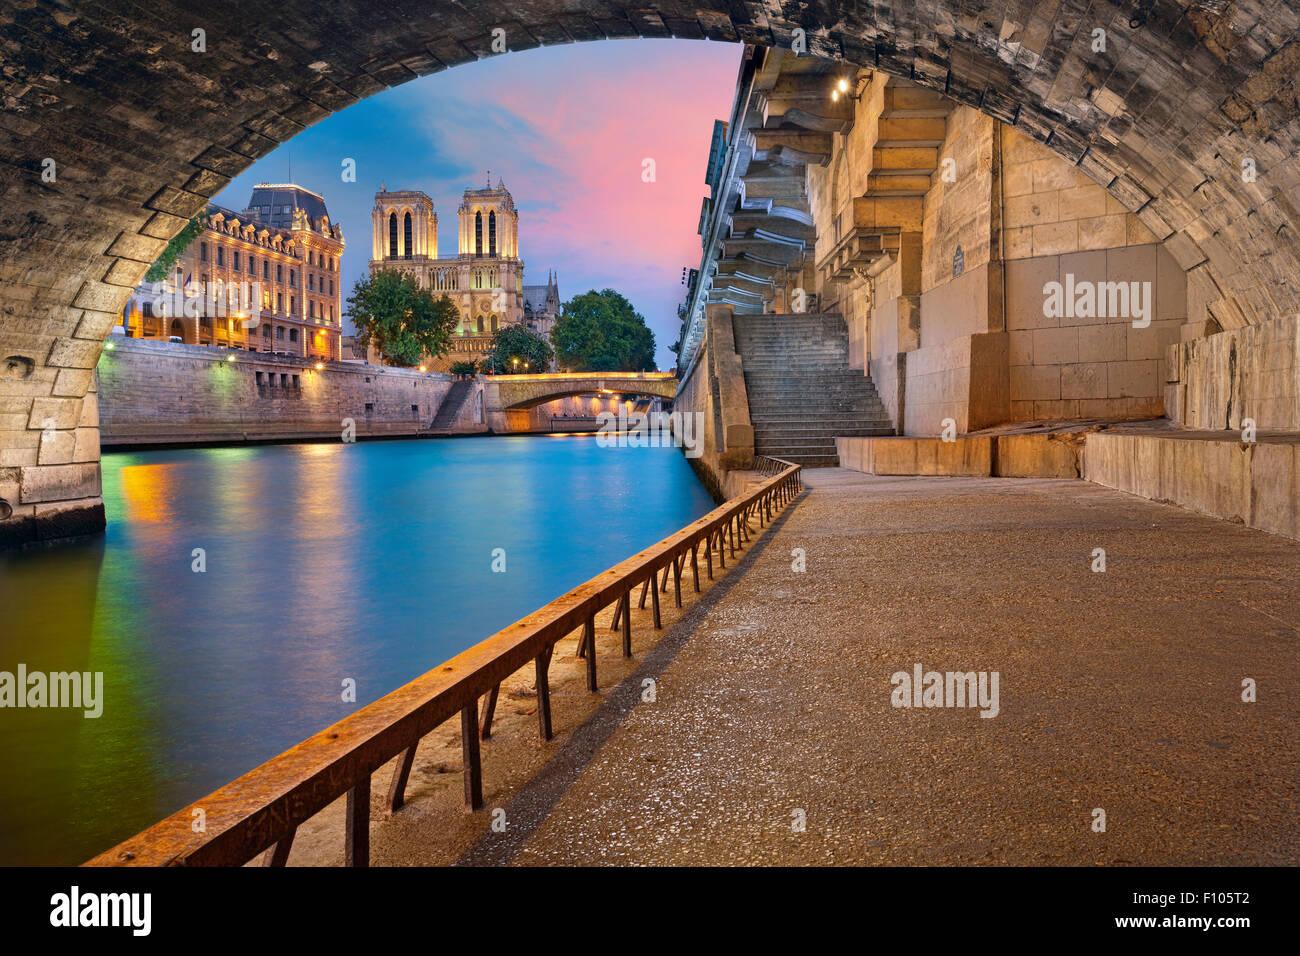 Paris.  Bild der Kathedrale Notre-Dame de Paris und Riverside Seineufer in Paris, Frankreich. Stockbild